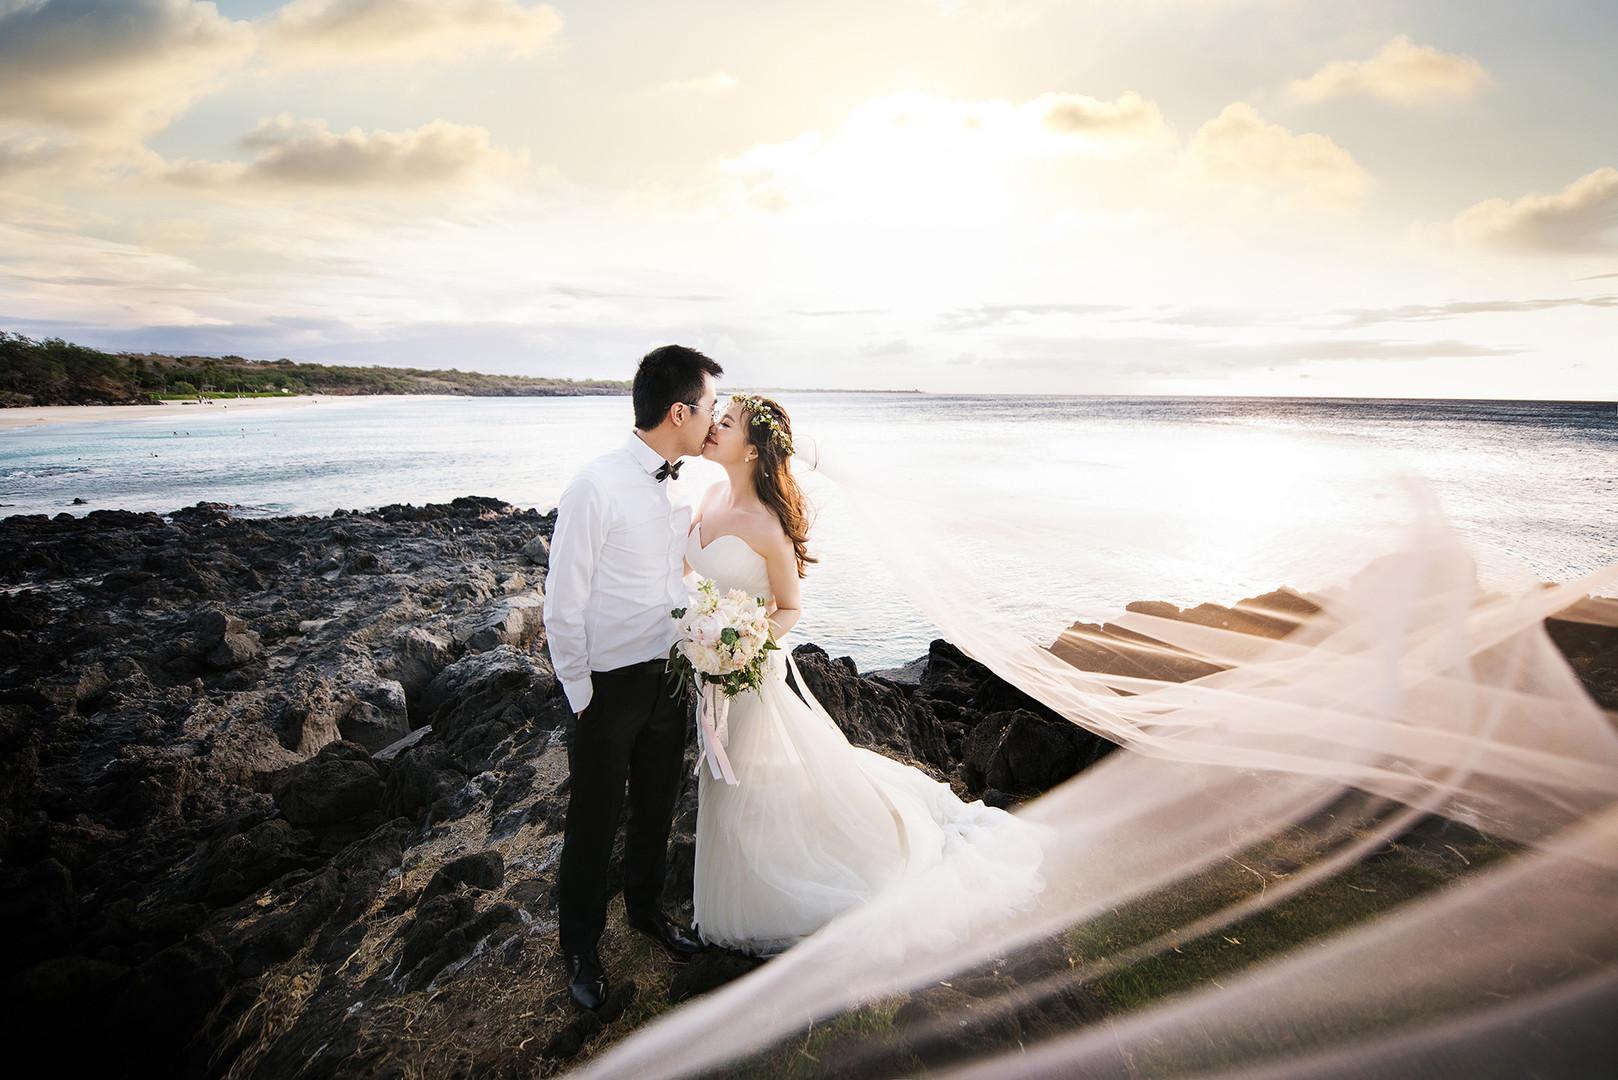 夏威夷婚礼28.jpg